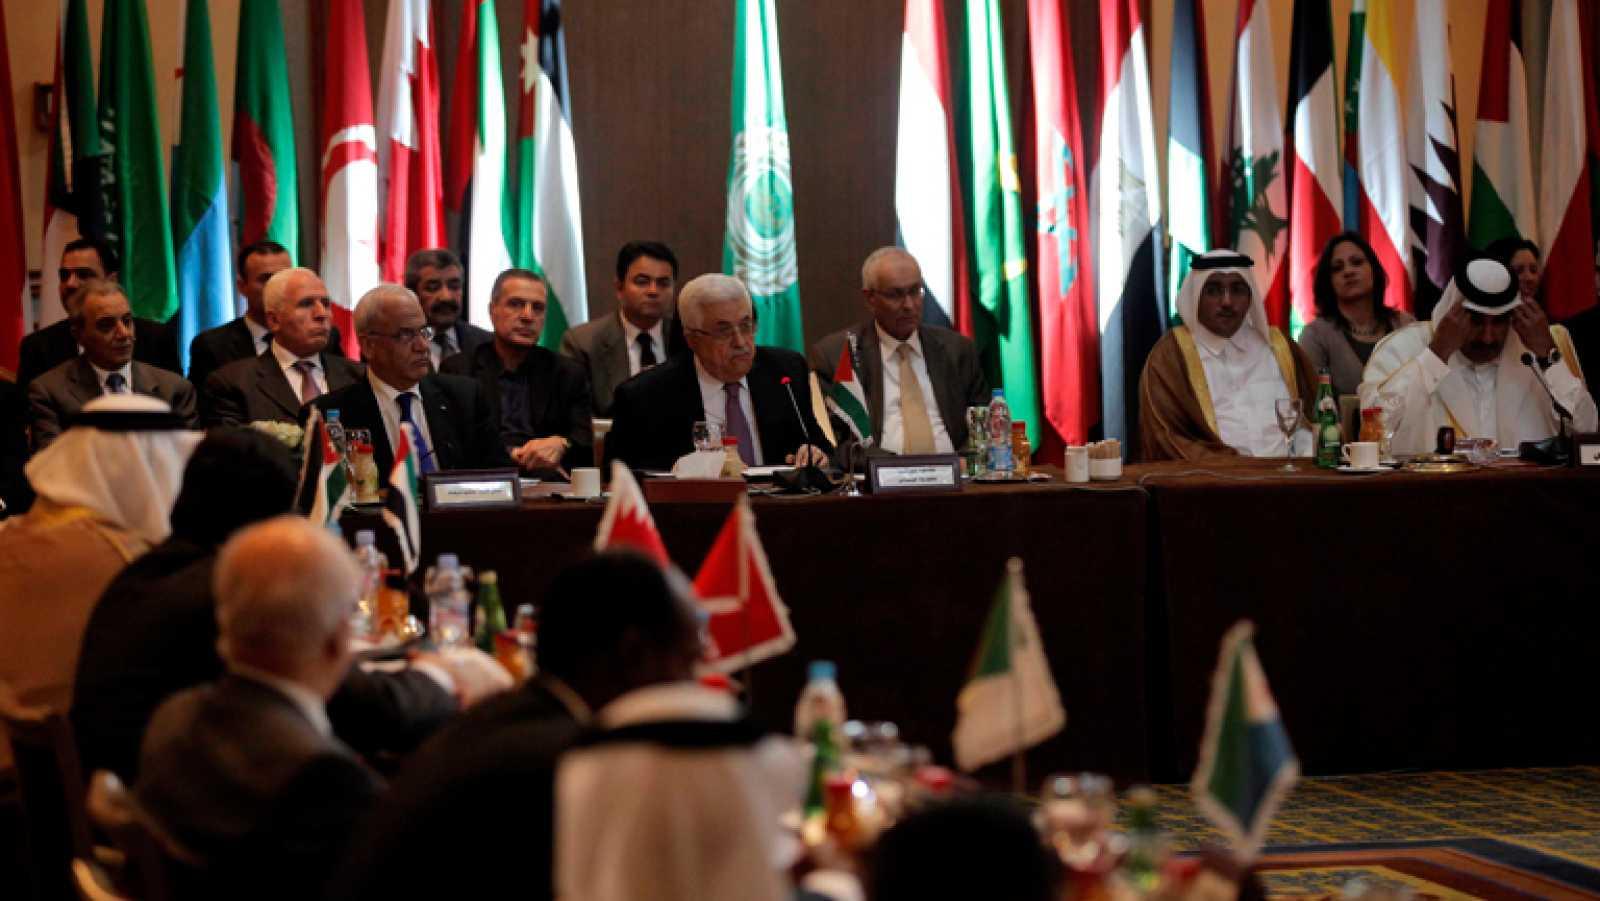 La Liga Árabe ha acordado nuevas sanciones económicas contra Siria